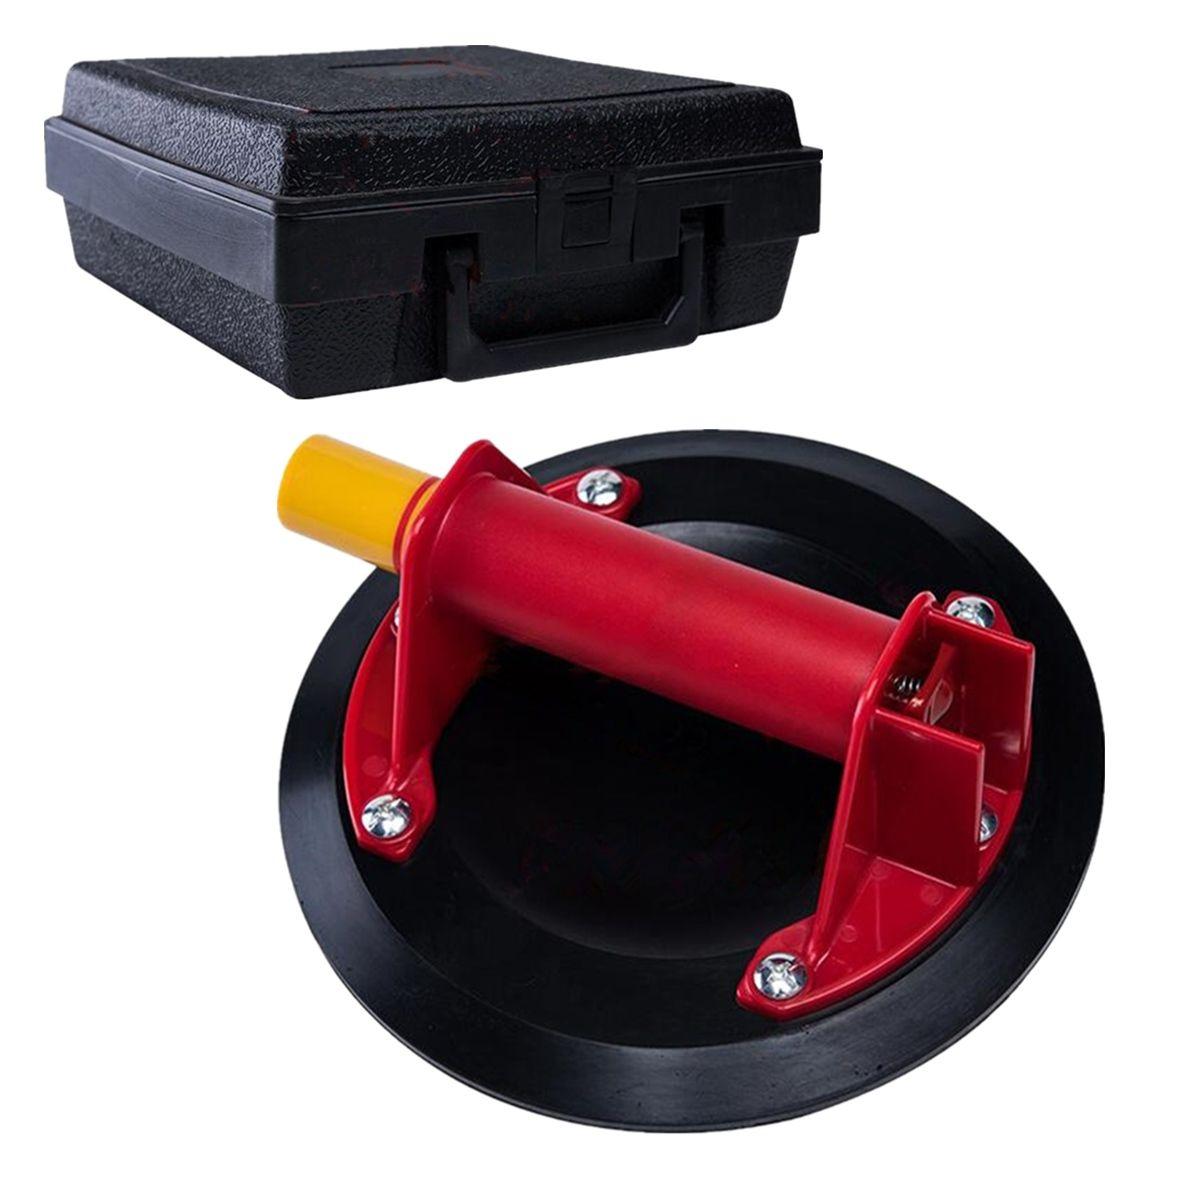 Hand Werkzeug Saugnapf Große Größe 8 zoll 206mm Vakuum Pumpe Glas Heber Saugnäpfe Saugnapf Dent Puller Mit fall